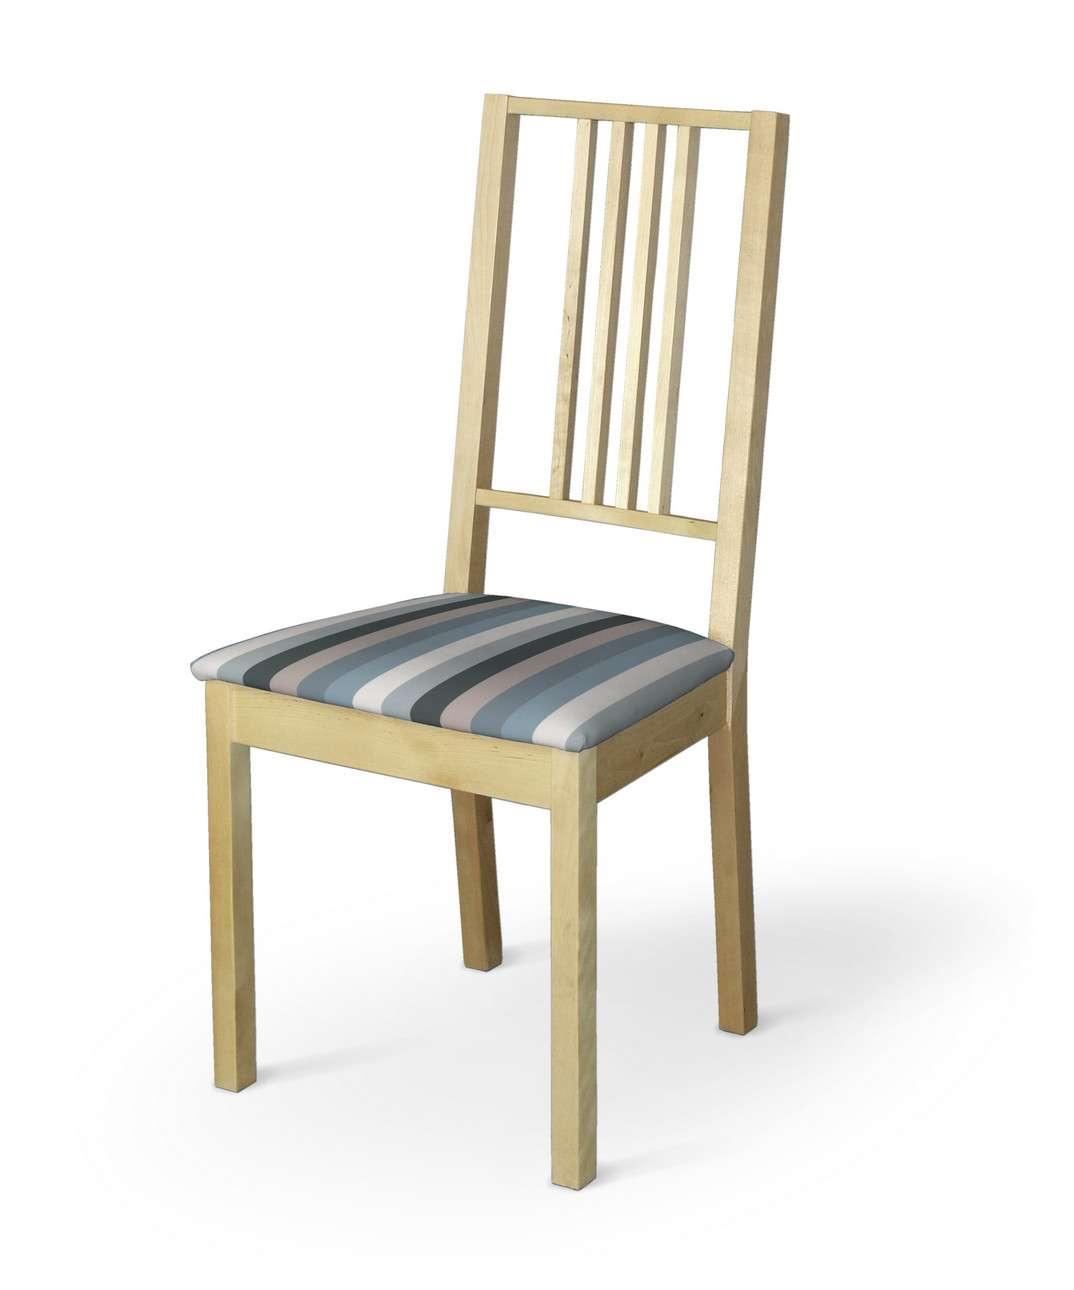 Pokrowiec na siedzisko Börje w kolekcji Vintage 70's, tkanina: 143-57